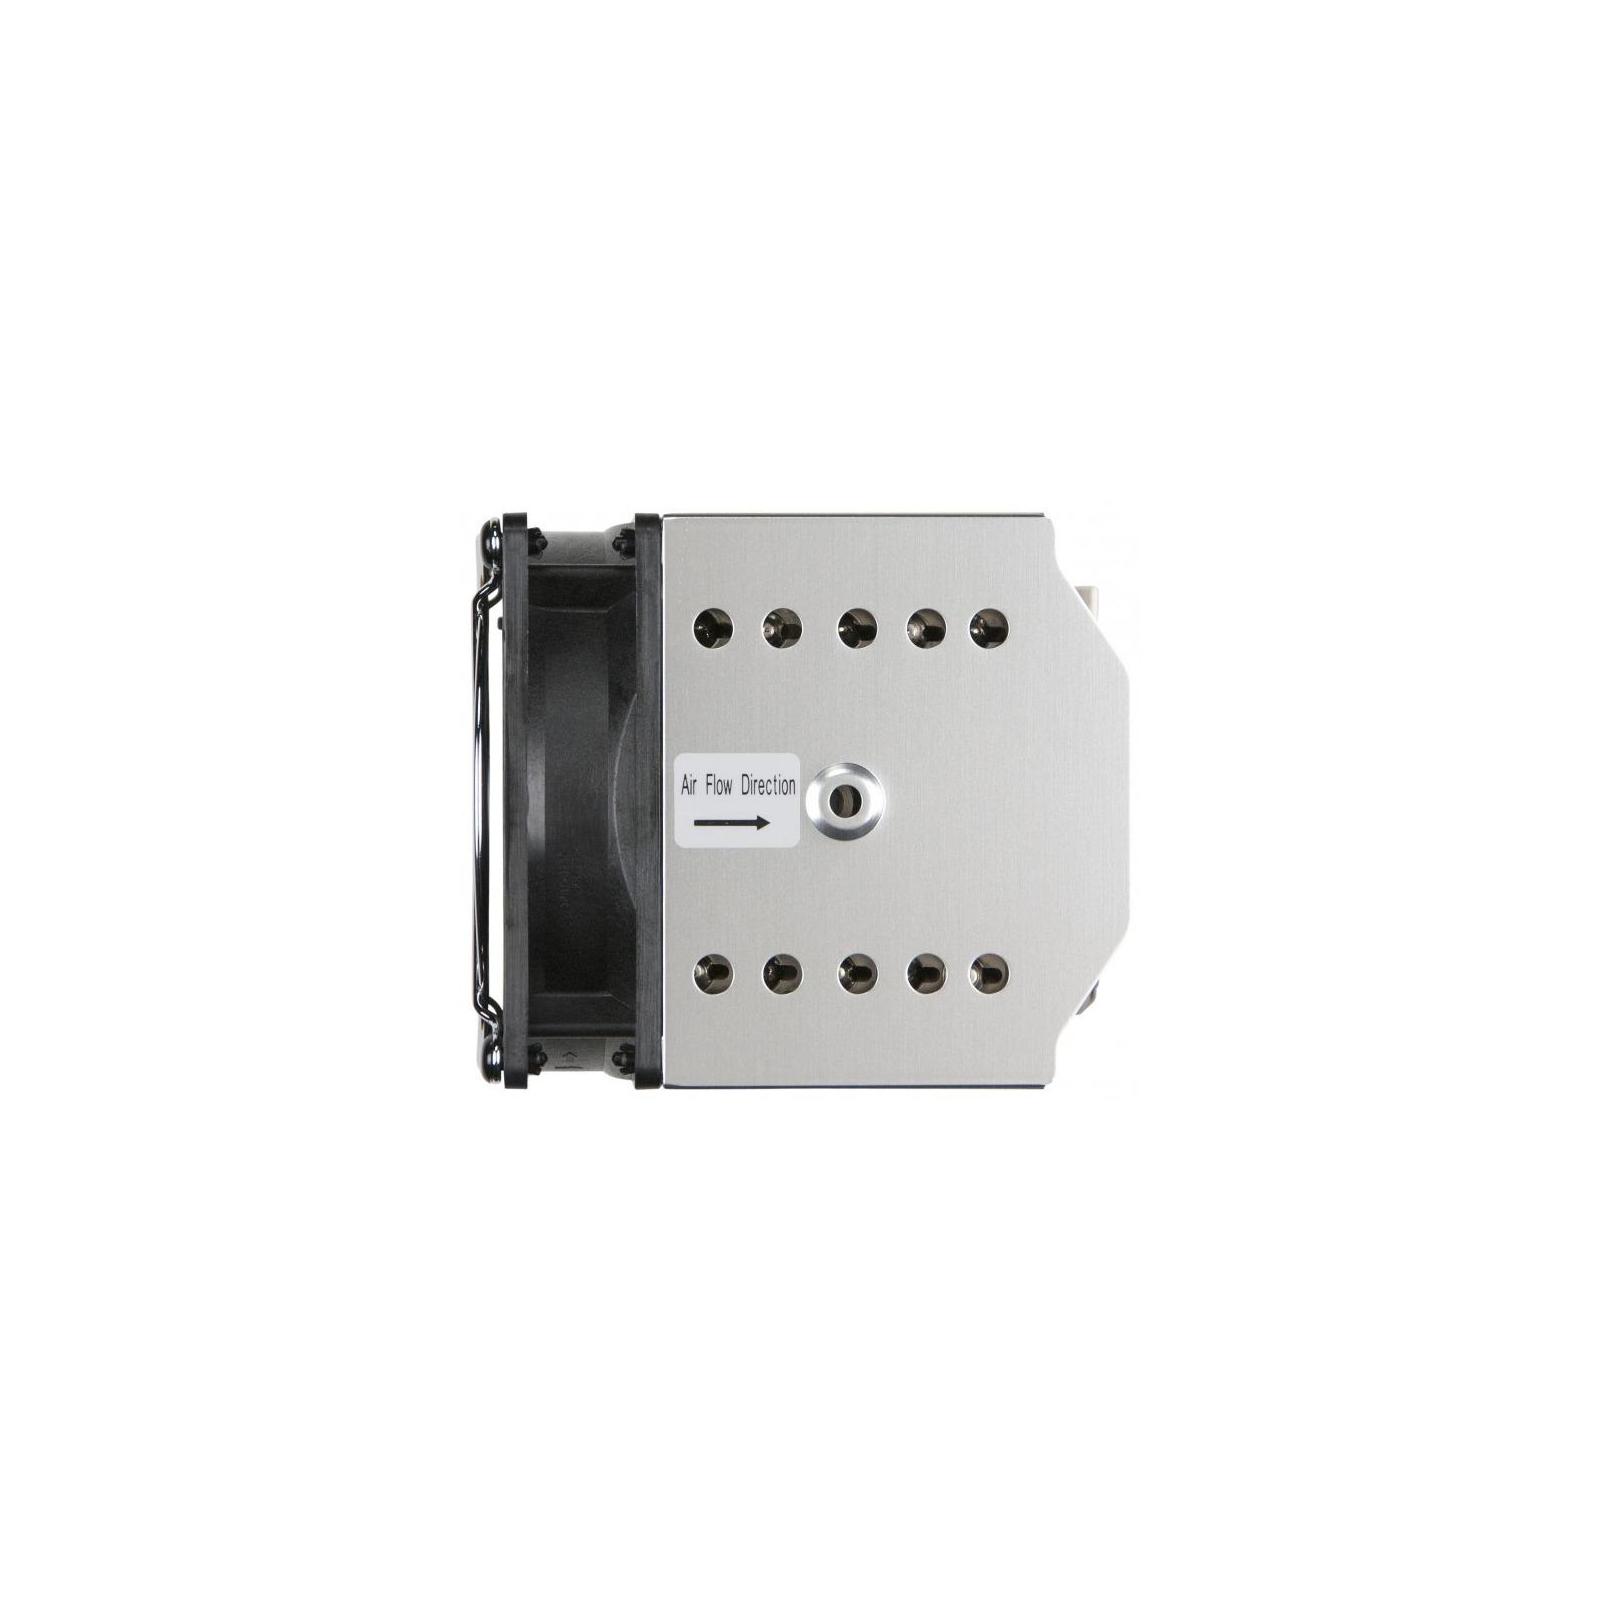 Кулер Supermicro SNK-P0070APS4/LGA3647/4U Active (SNK-P0070APS4) изображение 3